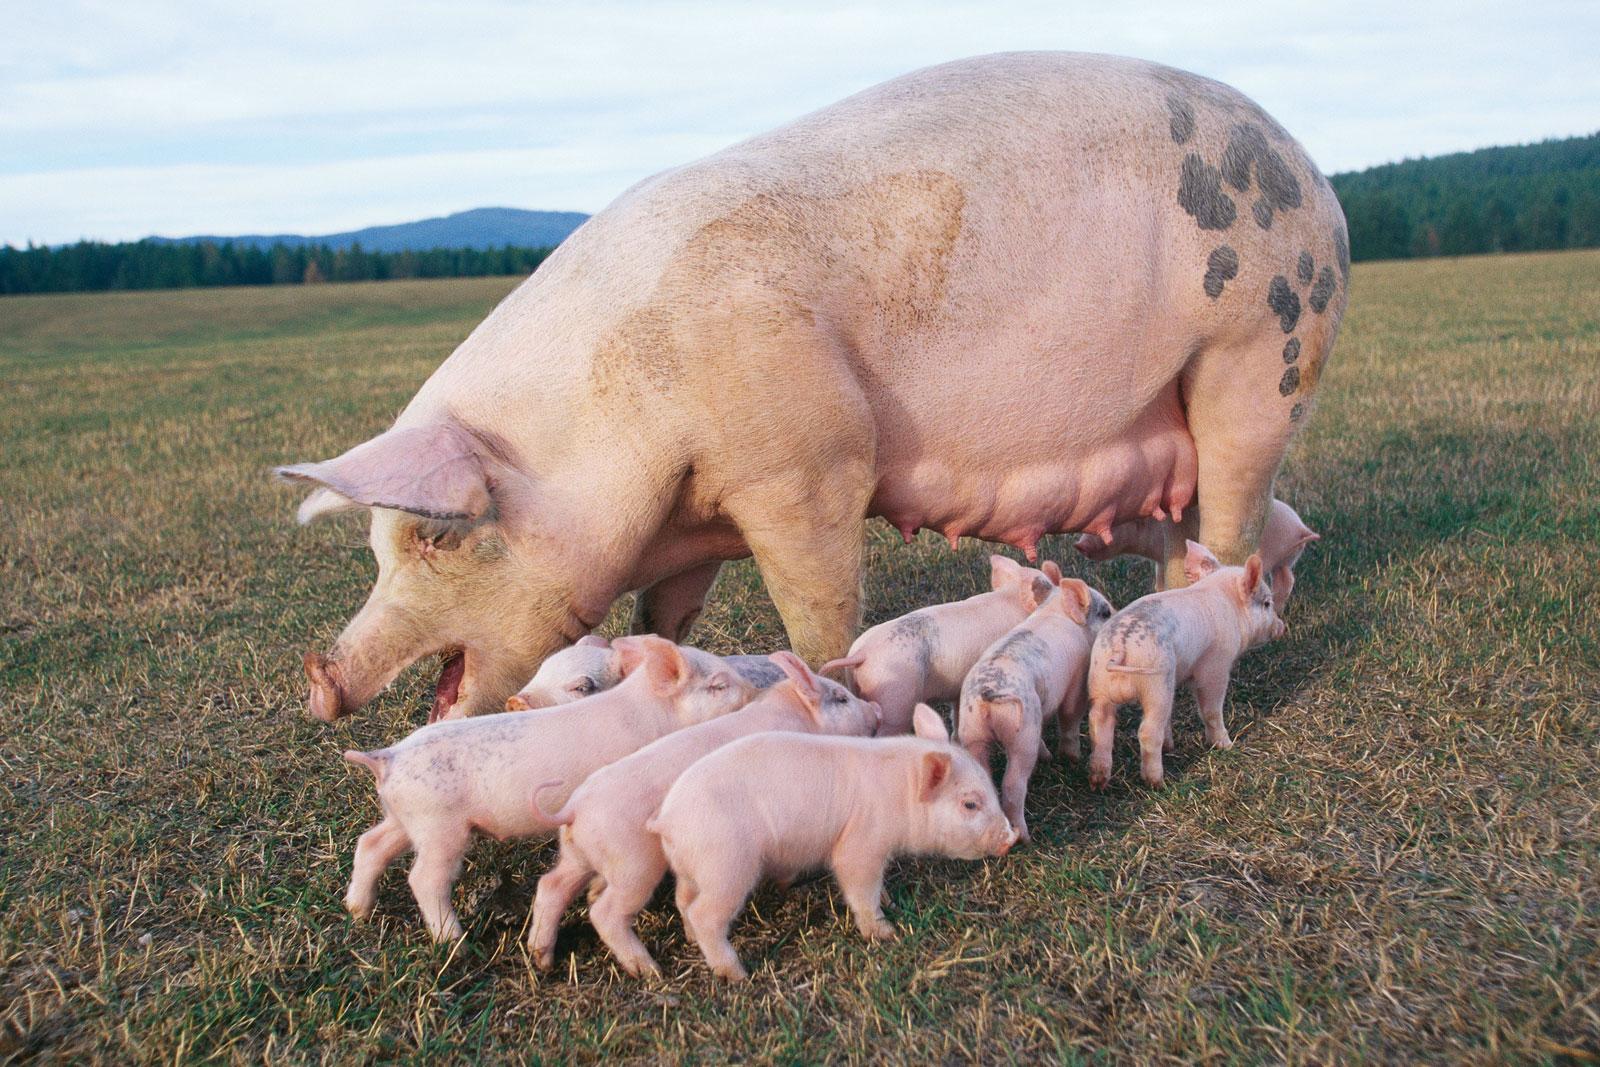 Pig And Piglets Wallpaper 1600 X 1067 197194 HD Wallpaper 1600x1067